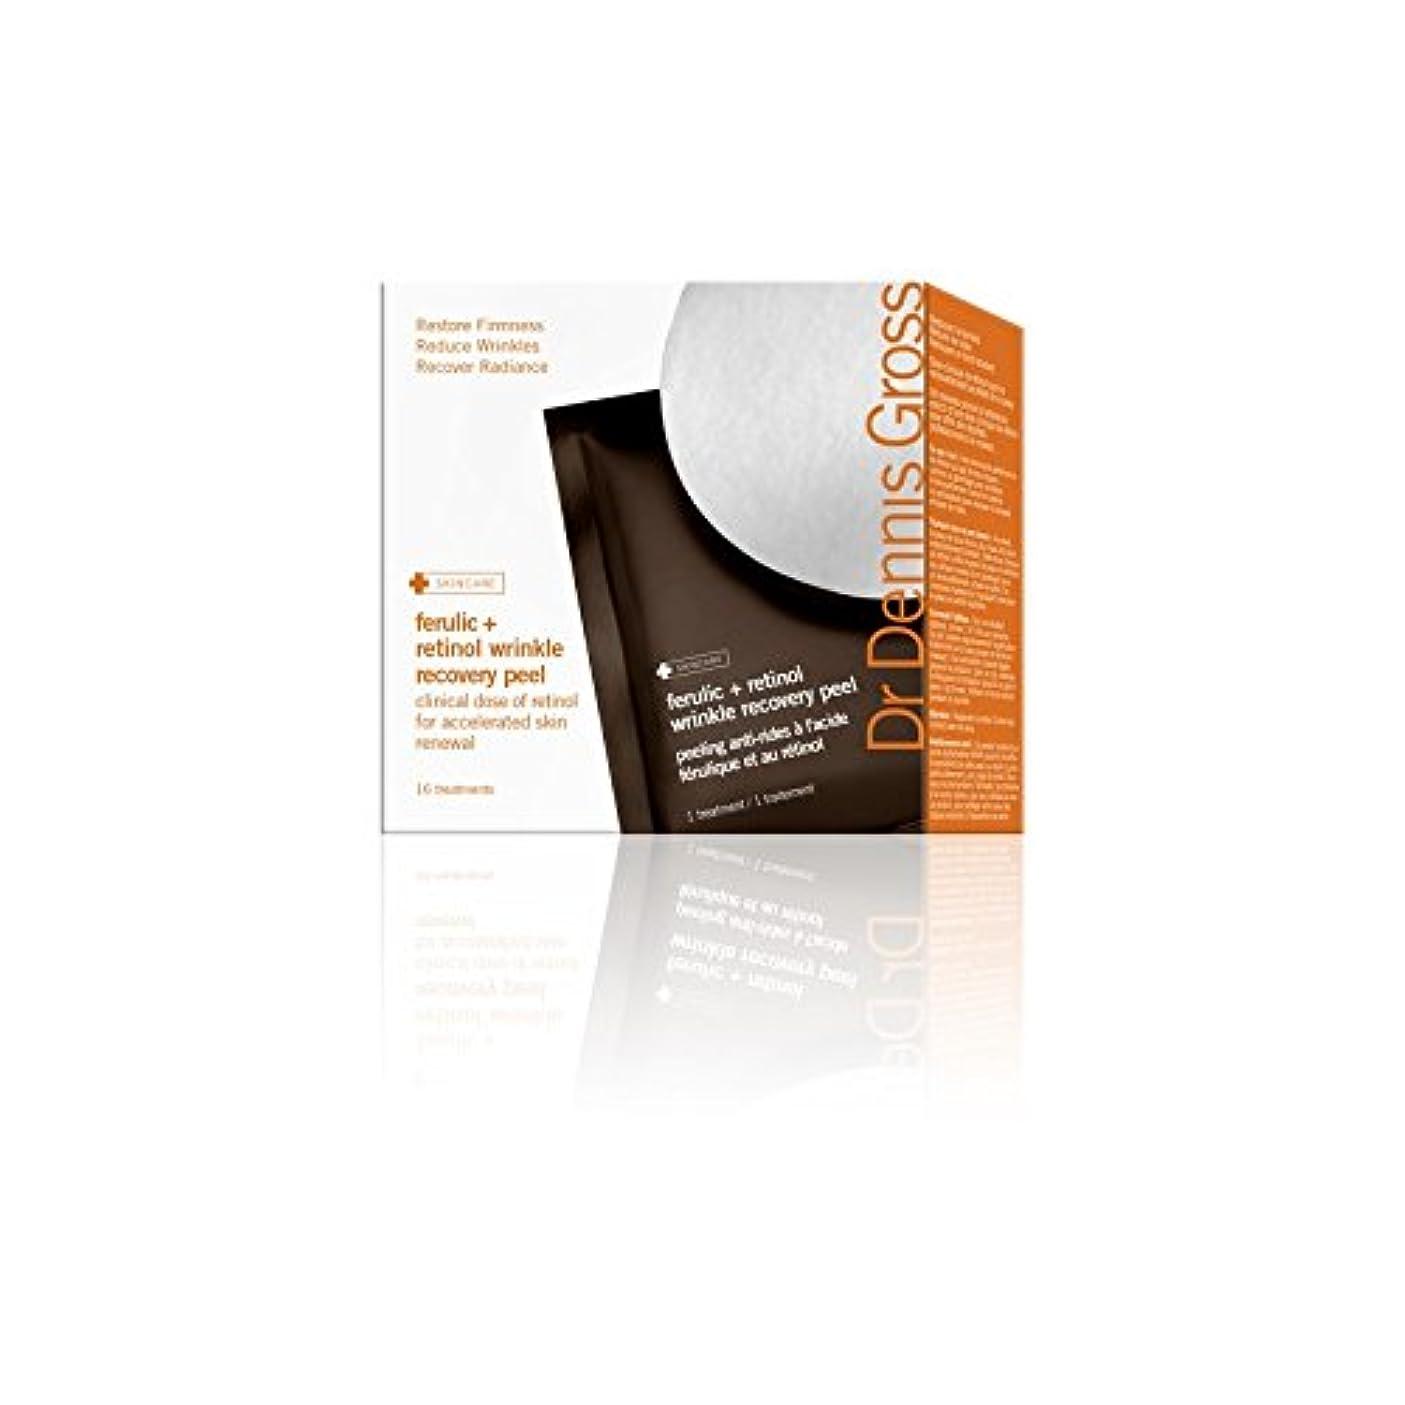 カルシウムトン毎週デニース?グロスフェルラとレチノールしわ回復の皮(16パック) x2 - Dr Dennis Gross Ferulic And Retinol Wrinkle Recovery Peel (16 Pack) (Pack...